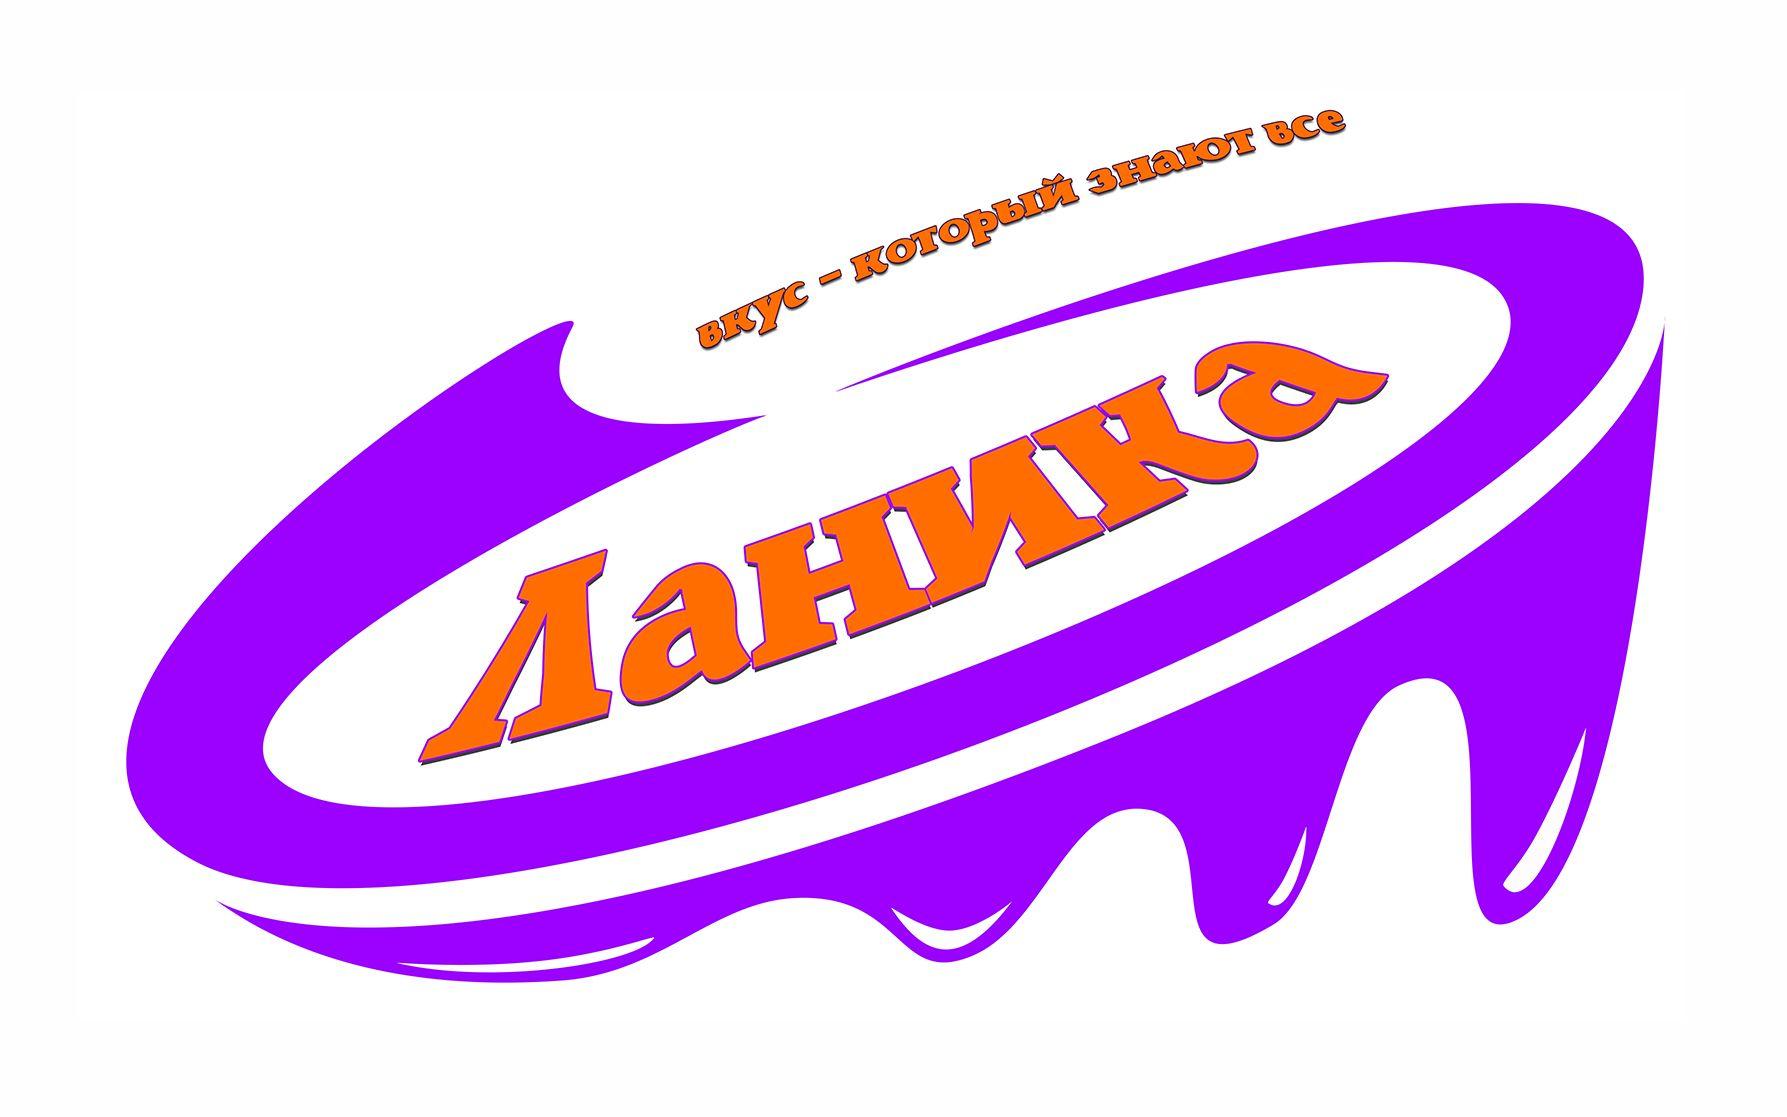 Лого ИМ тортов,пирожных и печенья ручной работы - дизайнер art-studia